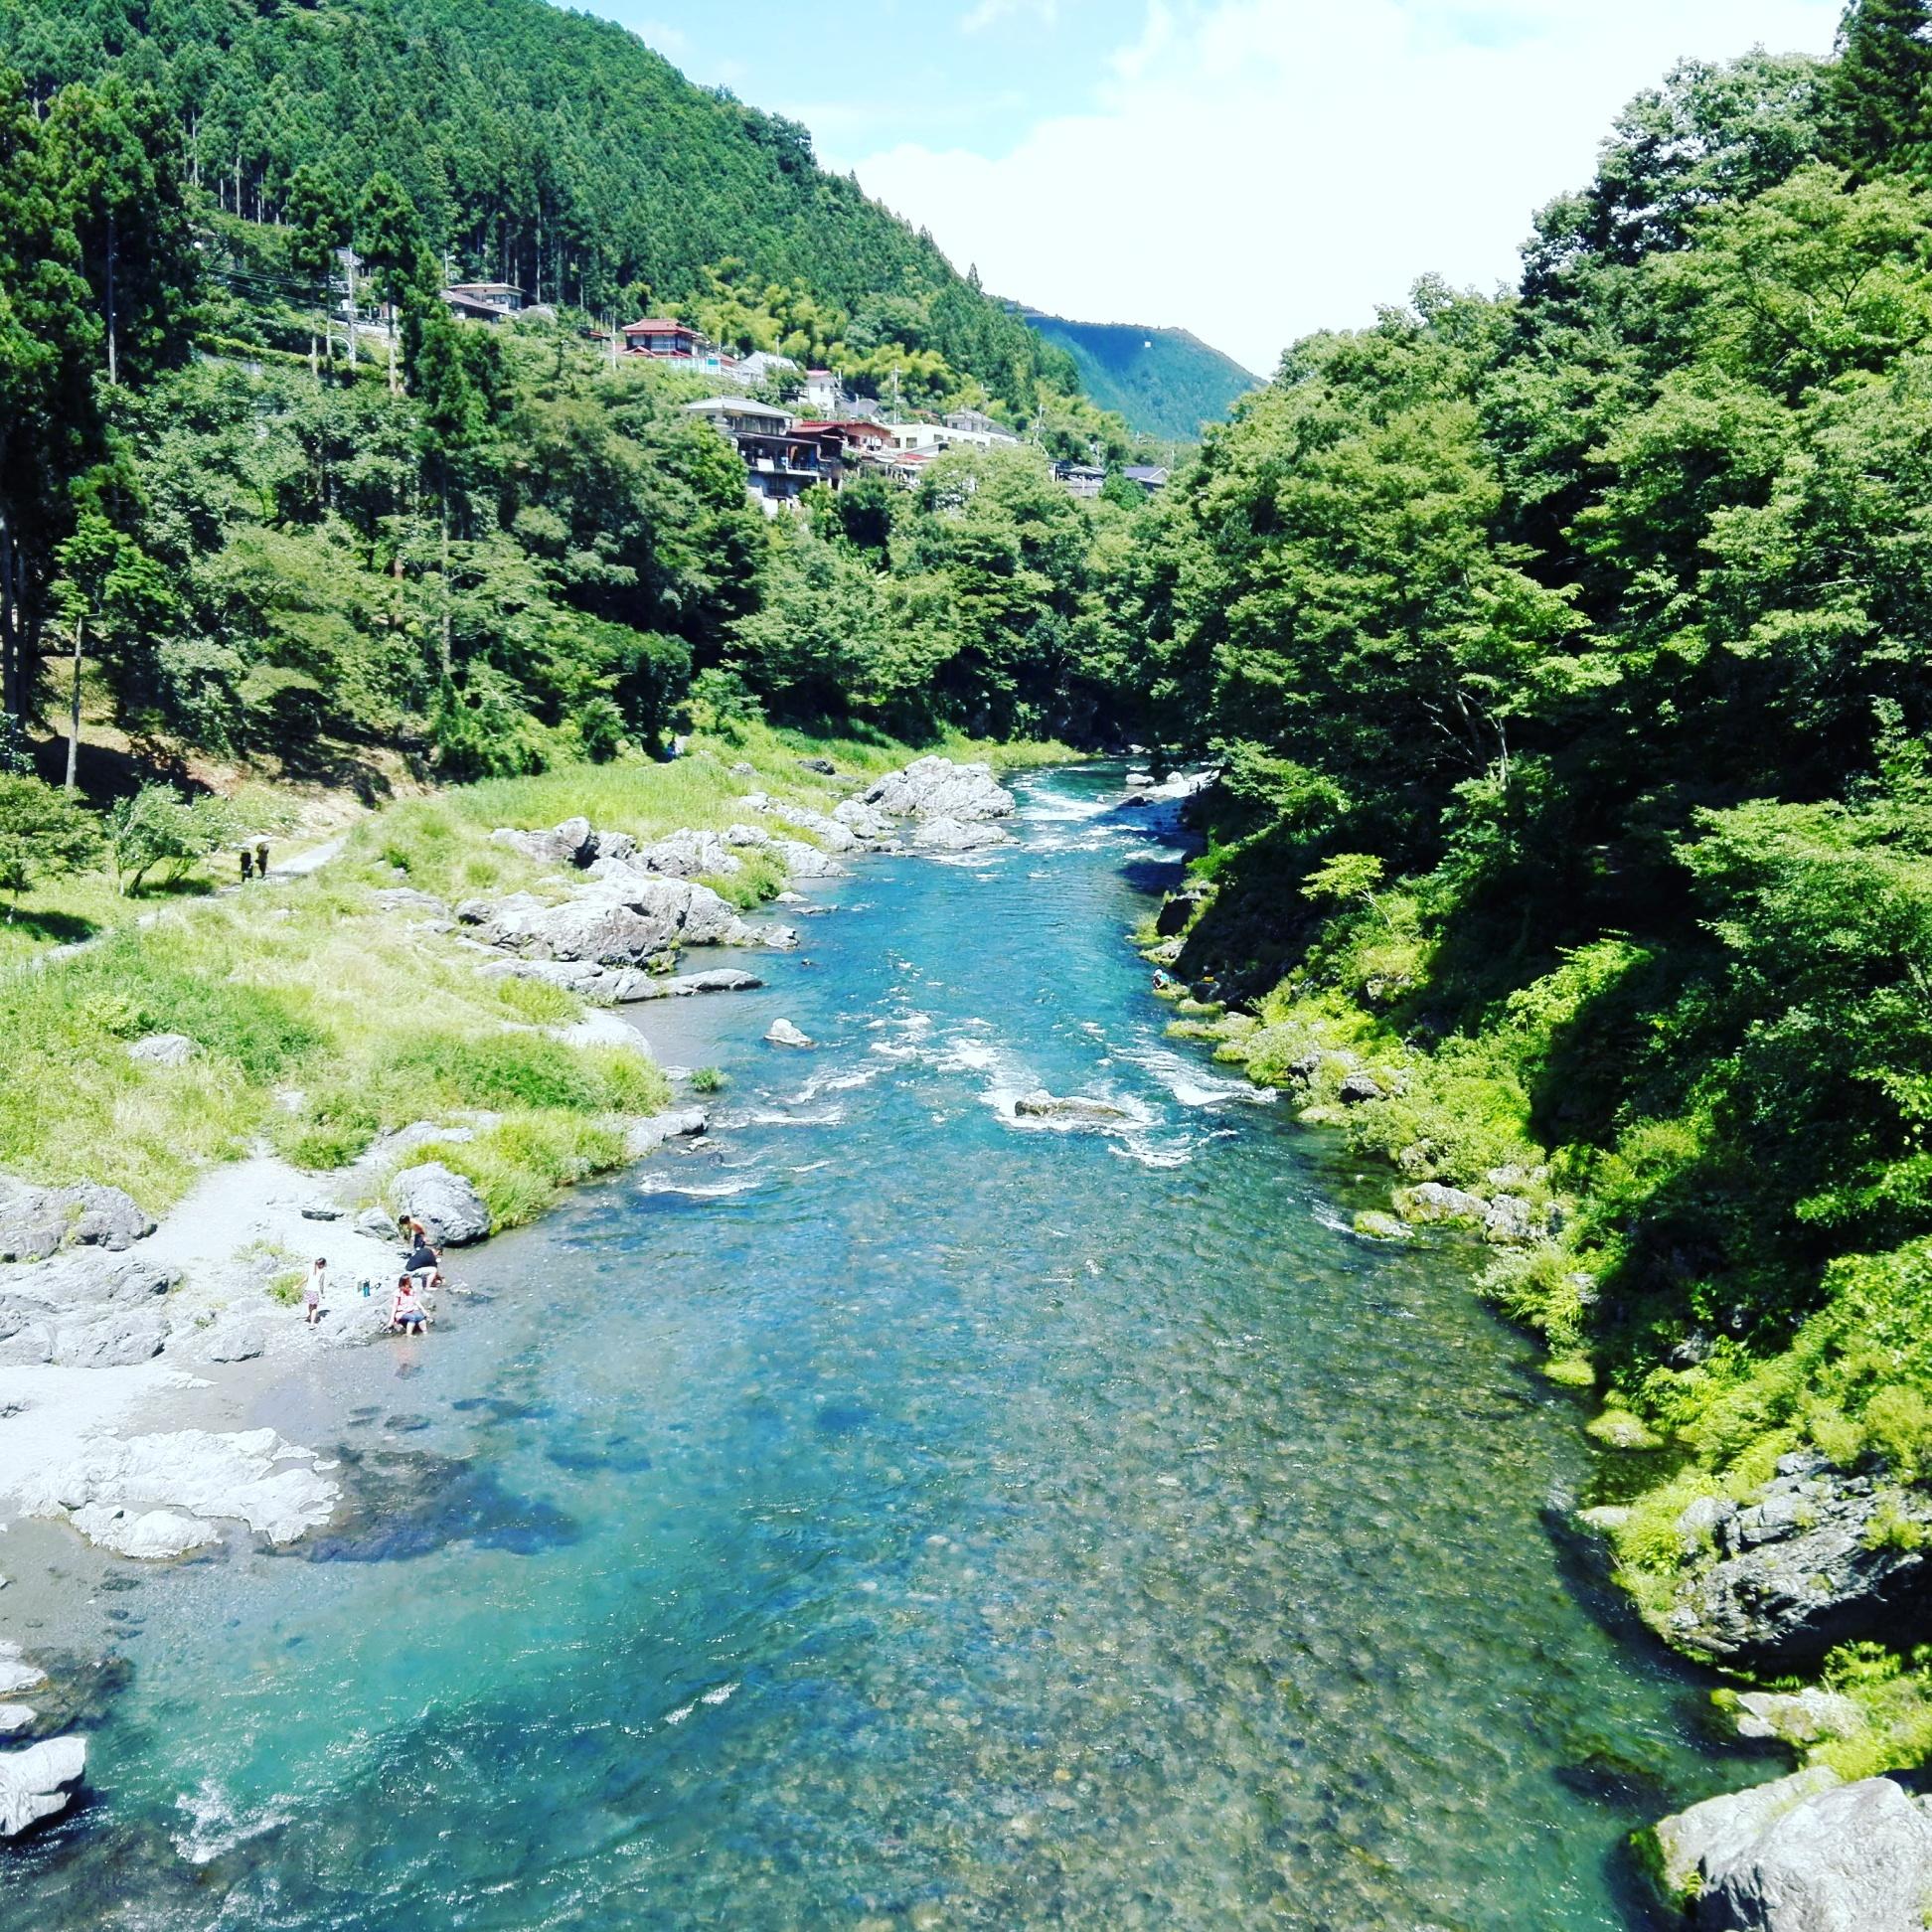 東京で川遊びするならここ!びっくりするほど綺麗な川で夏レジャーを楽しもう